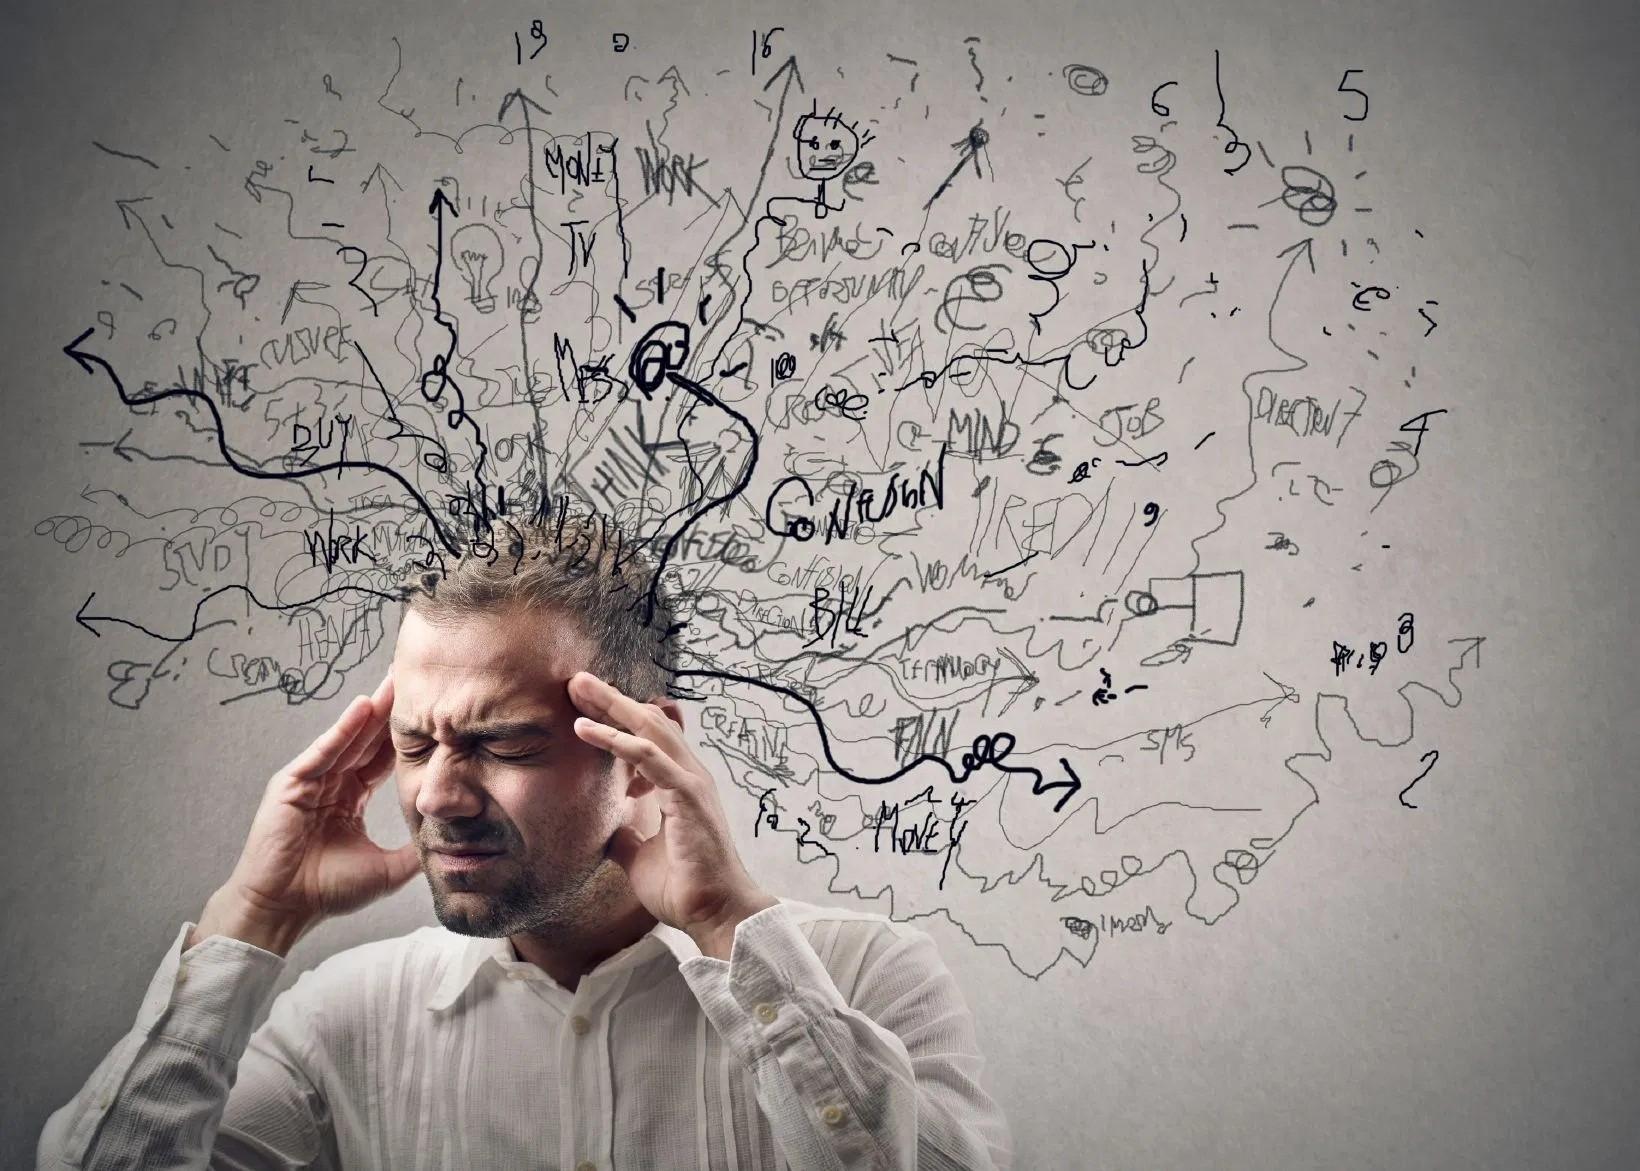 الإلحاد مشكلة نفسية